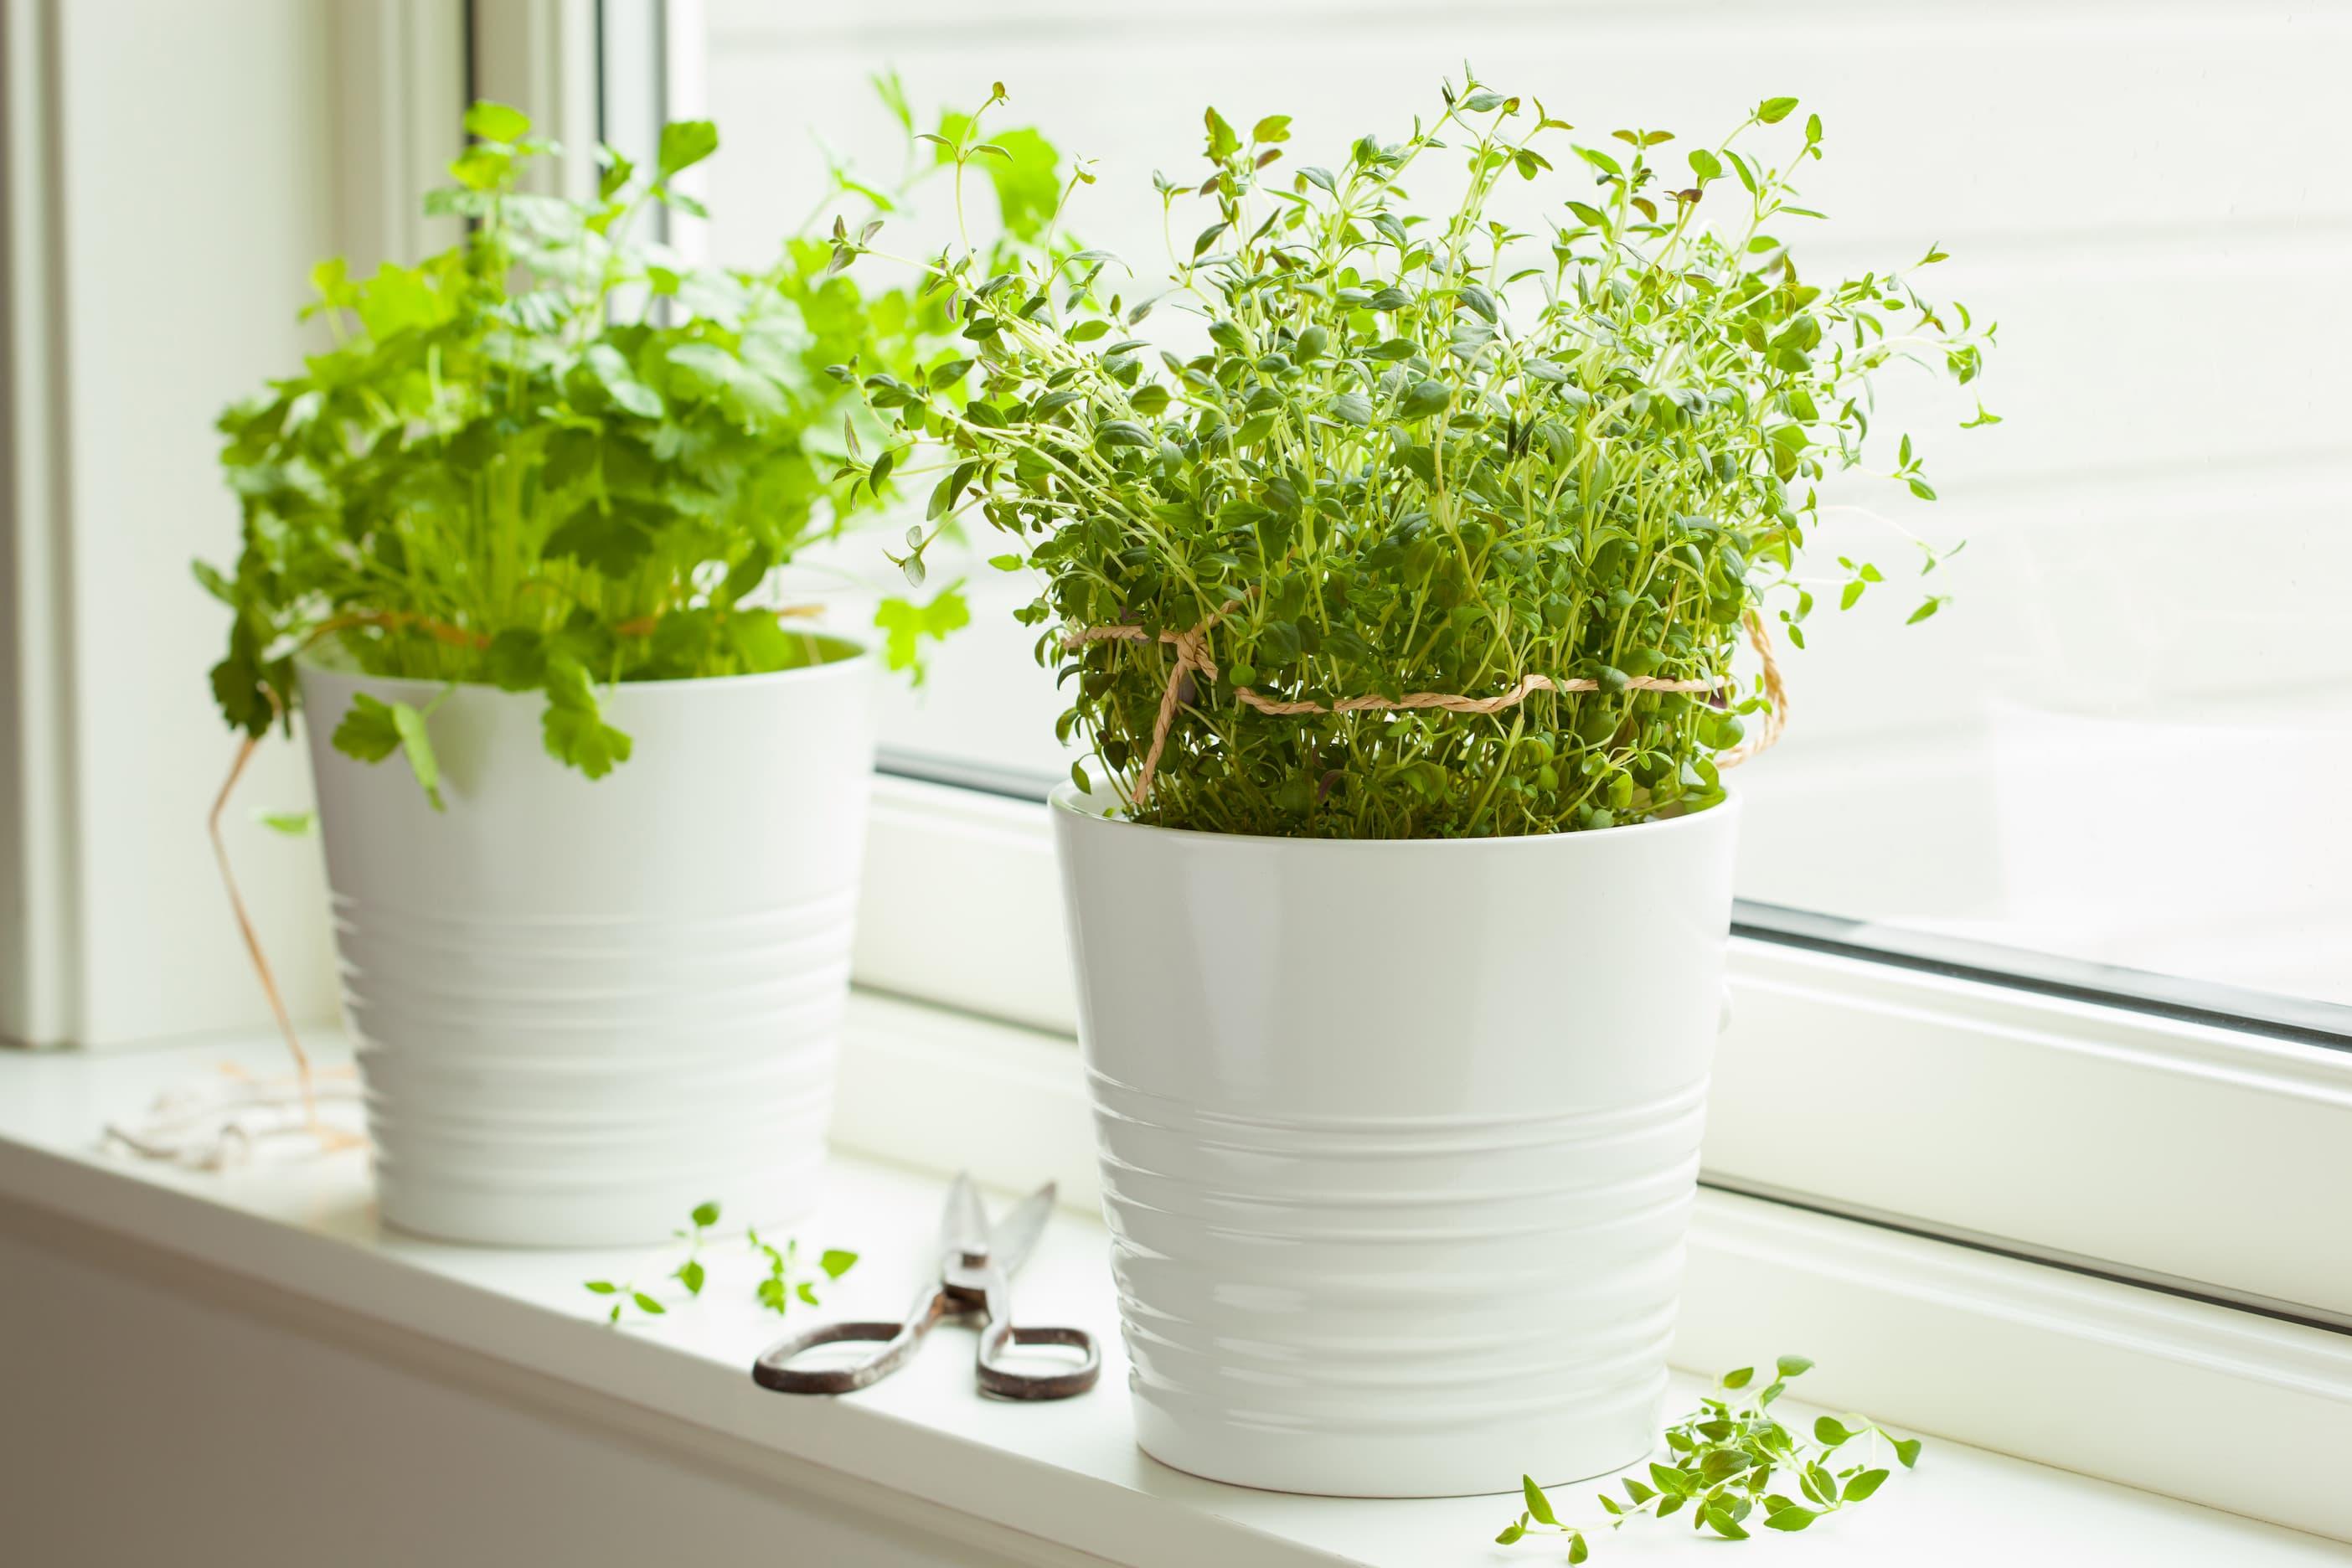 איך לגדל צמחי תבלין